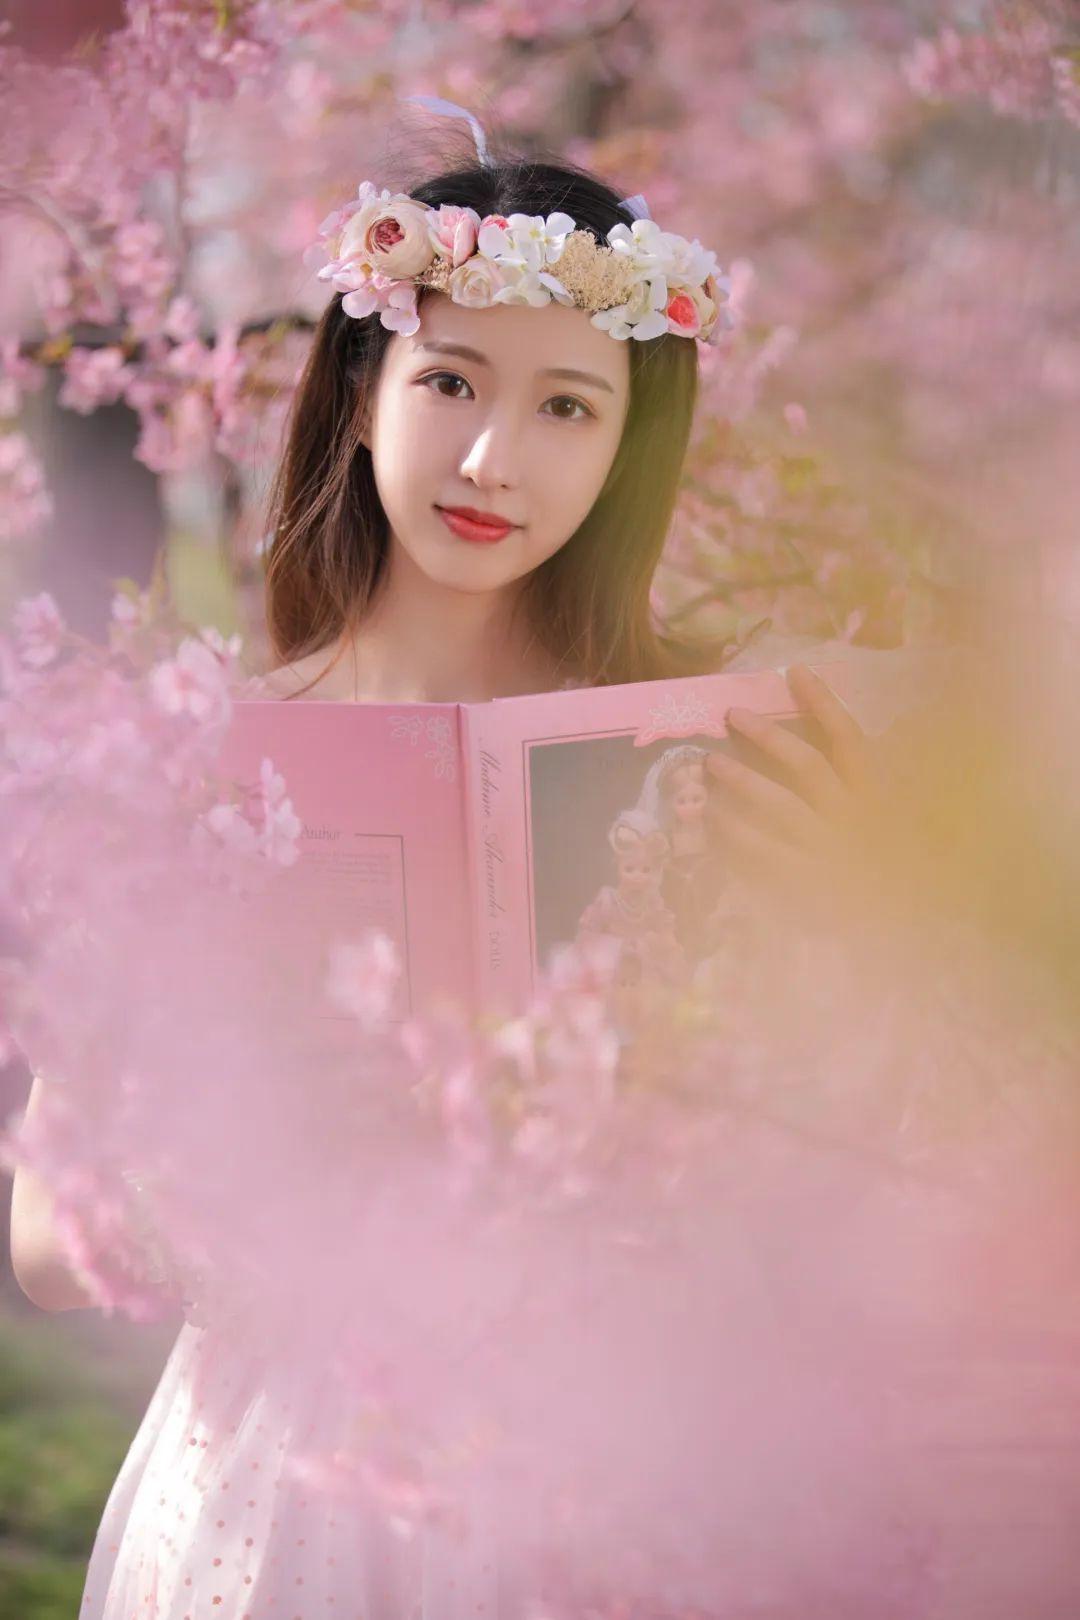 妹子摄影 – 粉粉的日系少女樱花树下写真_图片 No.37